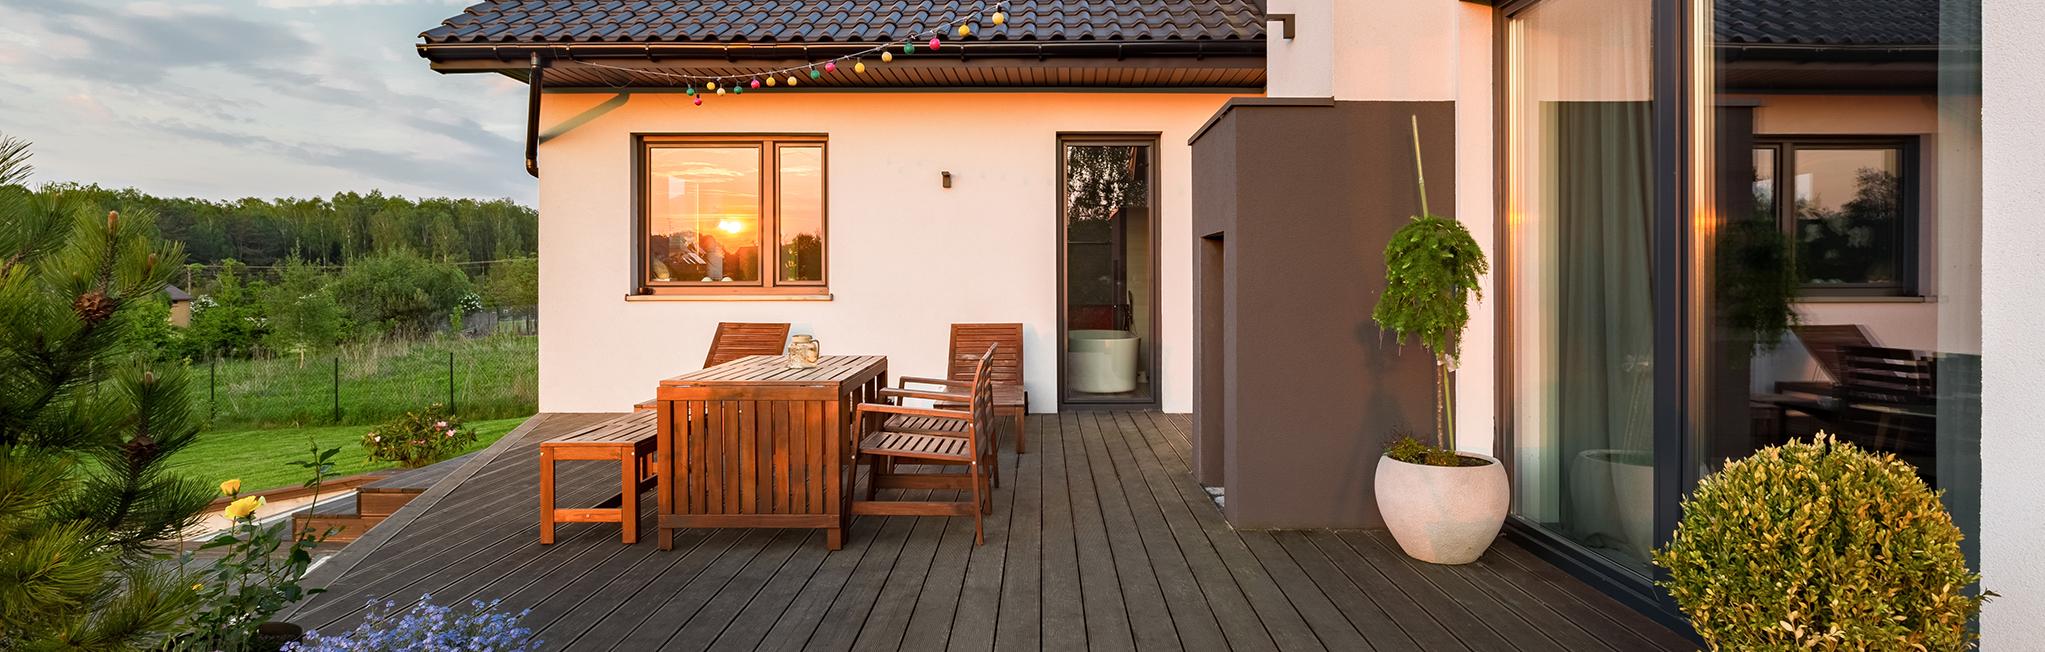 Terrasse-pakker